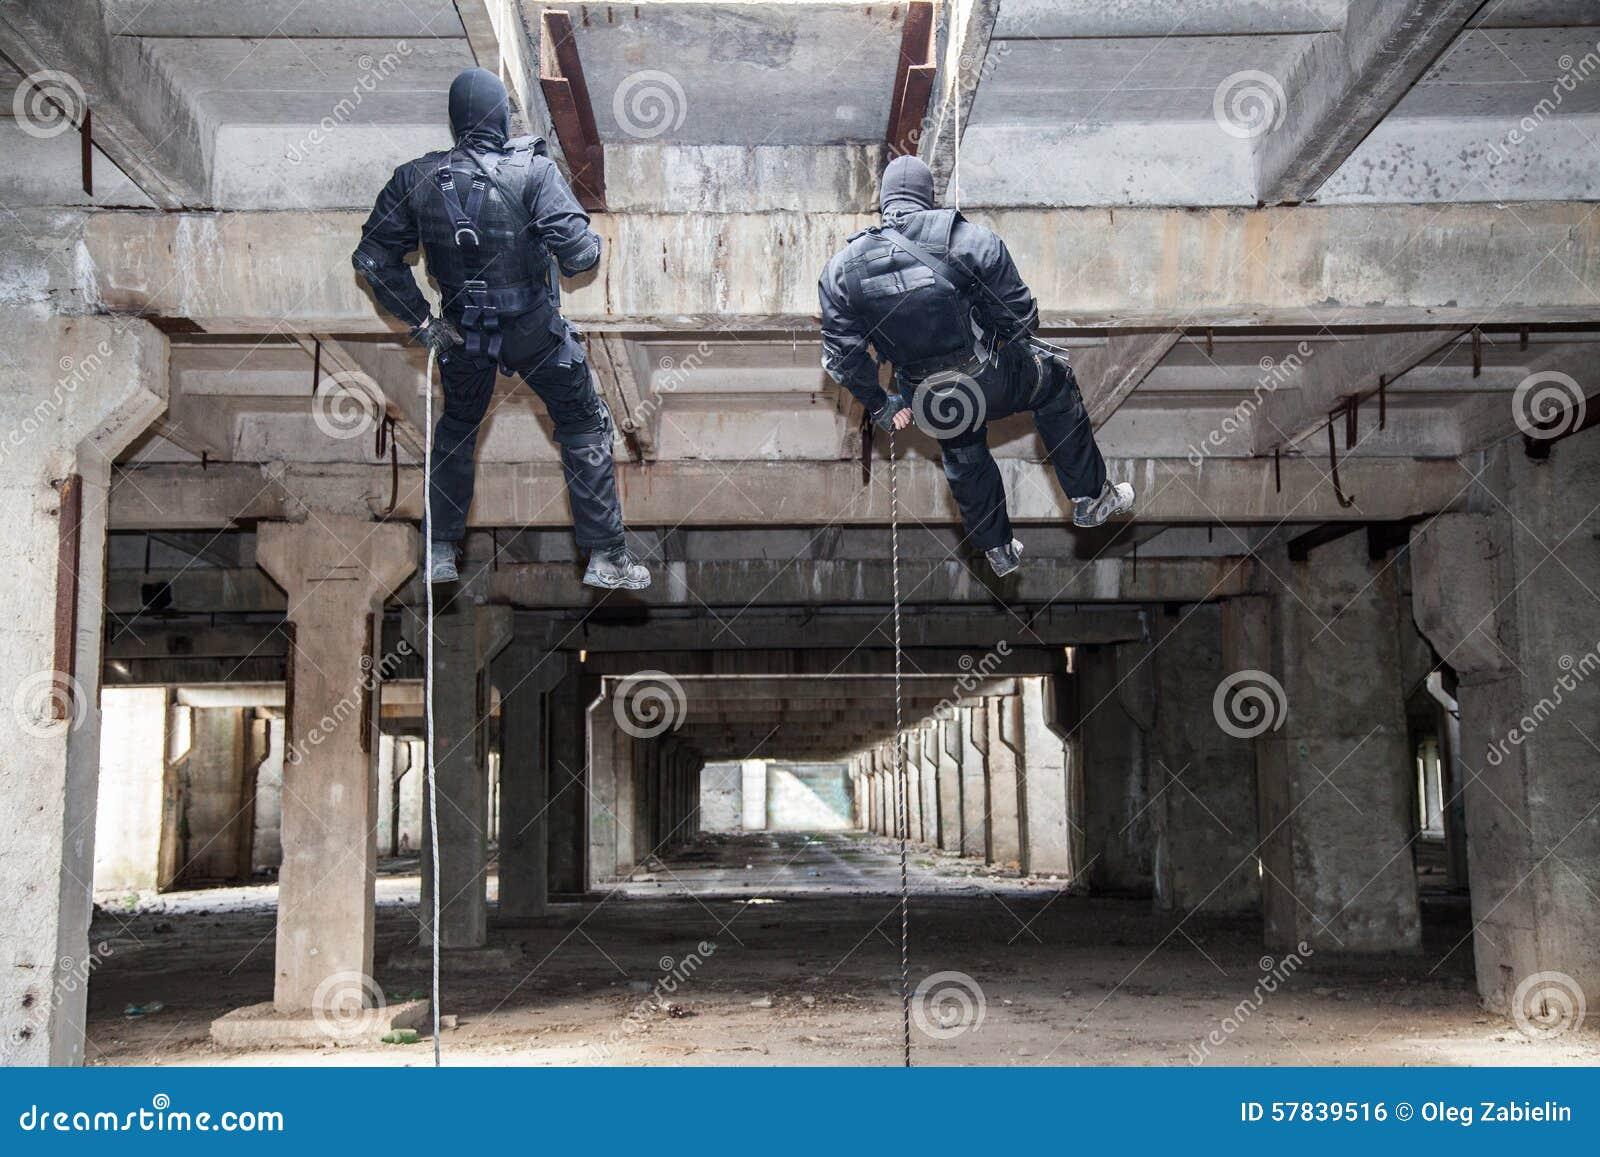 Assaut rappeling